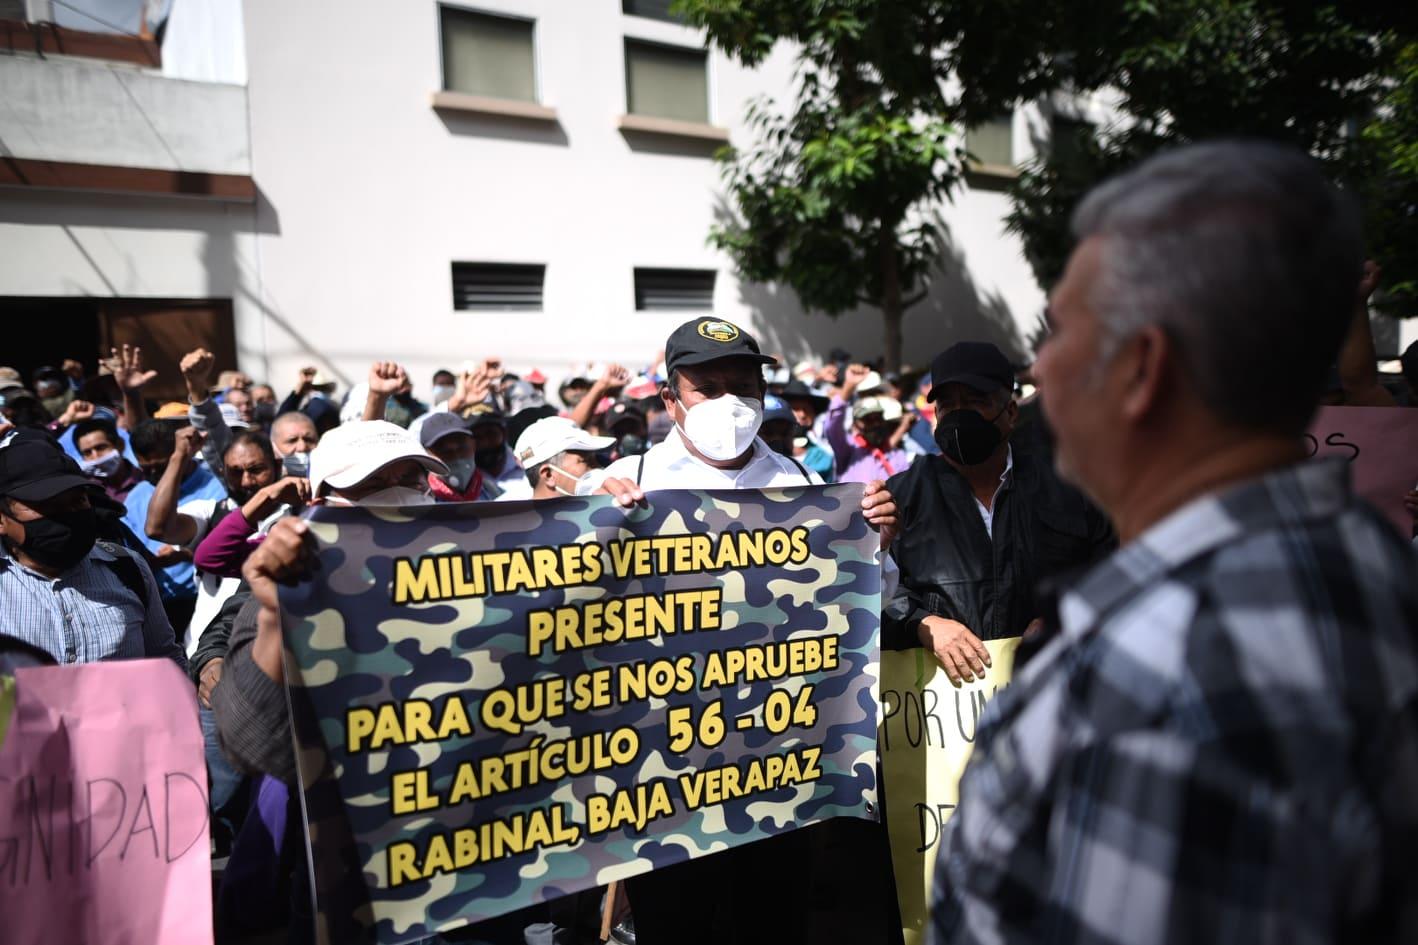 Veteranos militares exigen resarcimiento al presidente, Alejandro Giammattei.